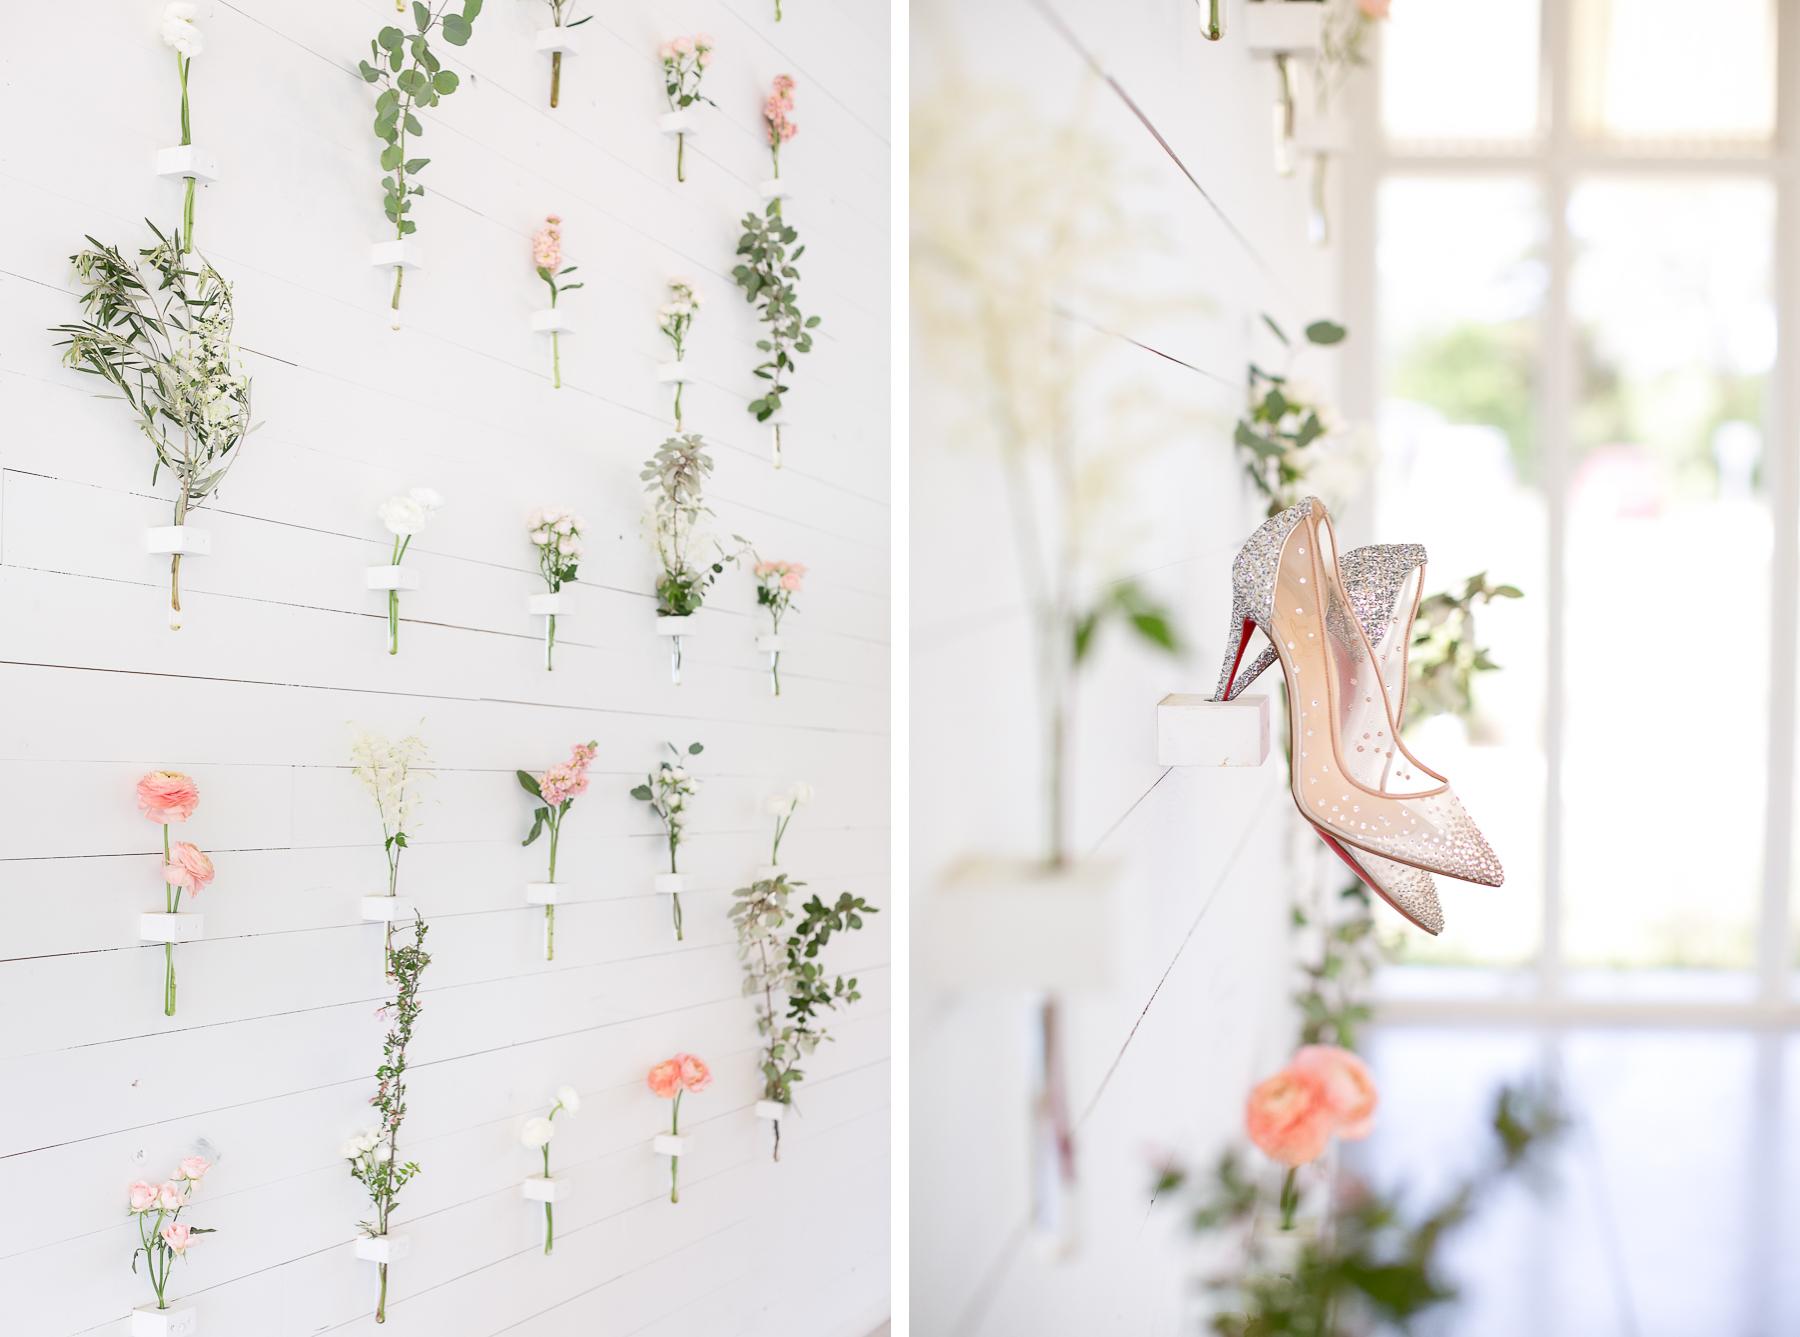 Prospect-House-Flower-Wall-1.jpg